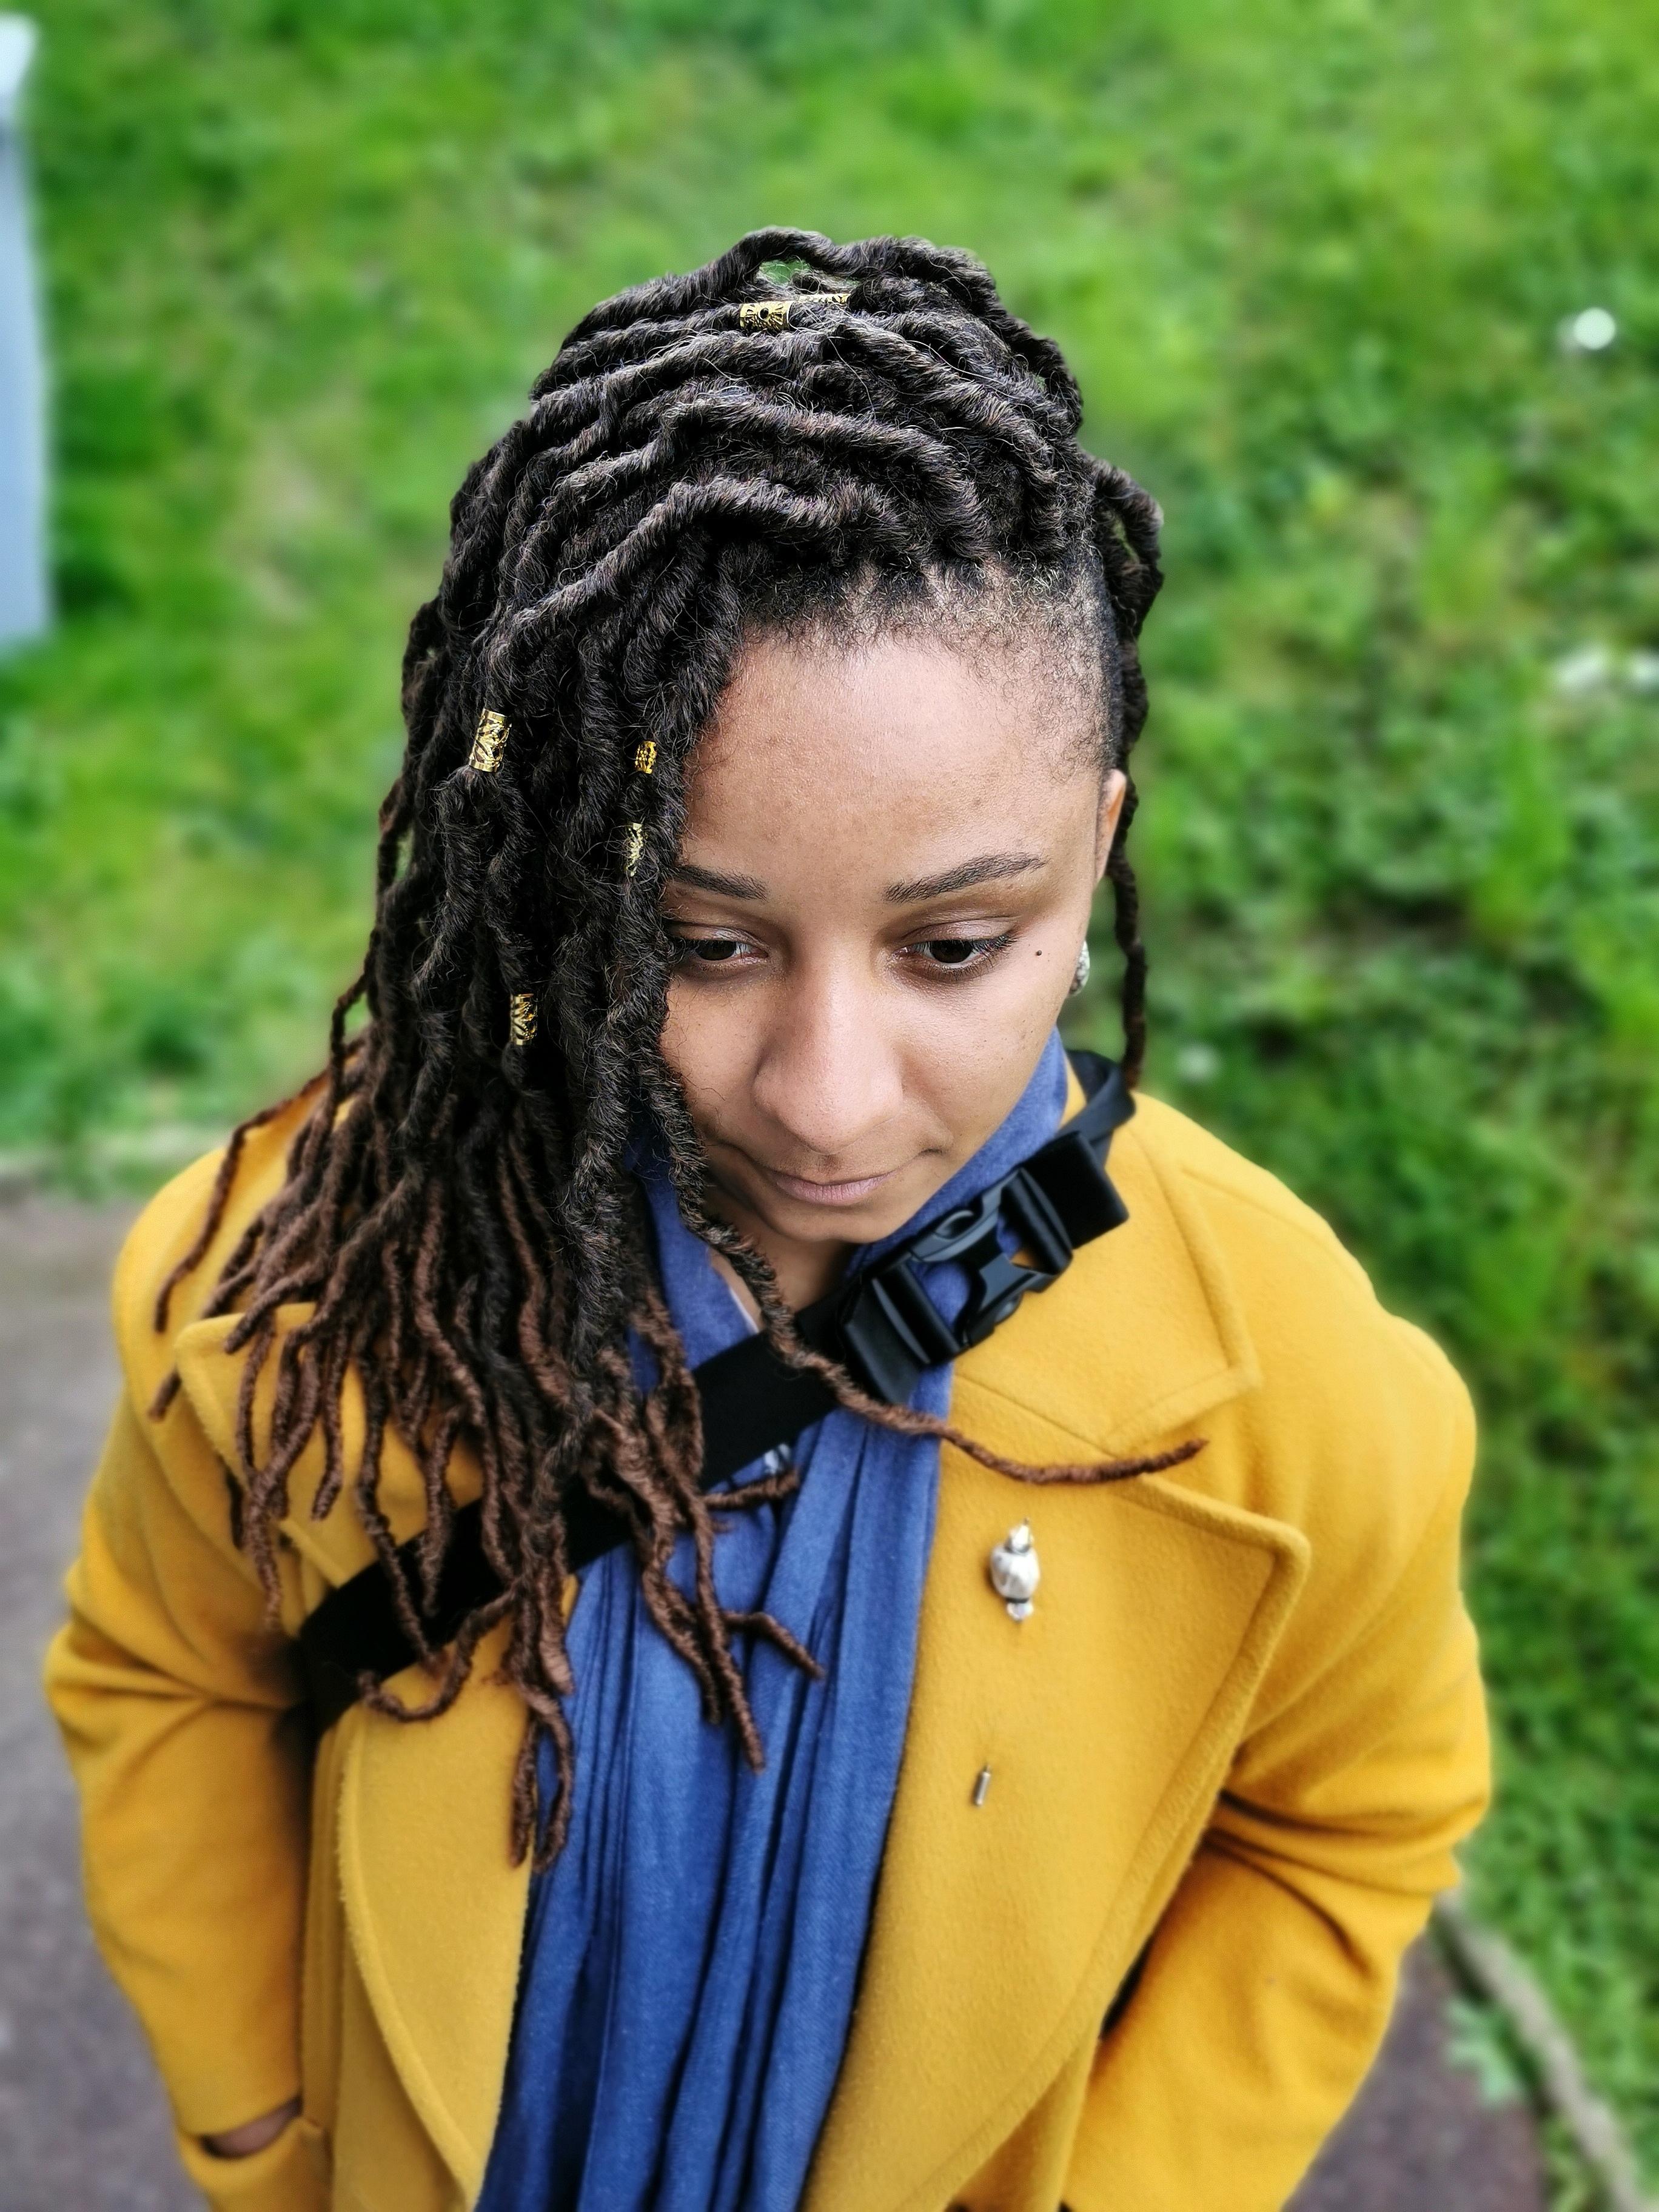 salon de coiffure afro tresse tresses box braids crochet braids vanilles tissages paris 75 77 78 91 92 93 94 95 JFUFPHGQ